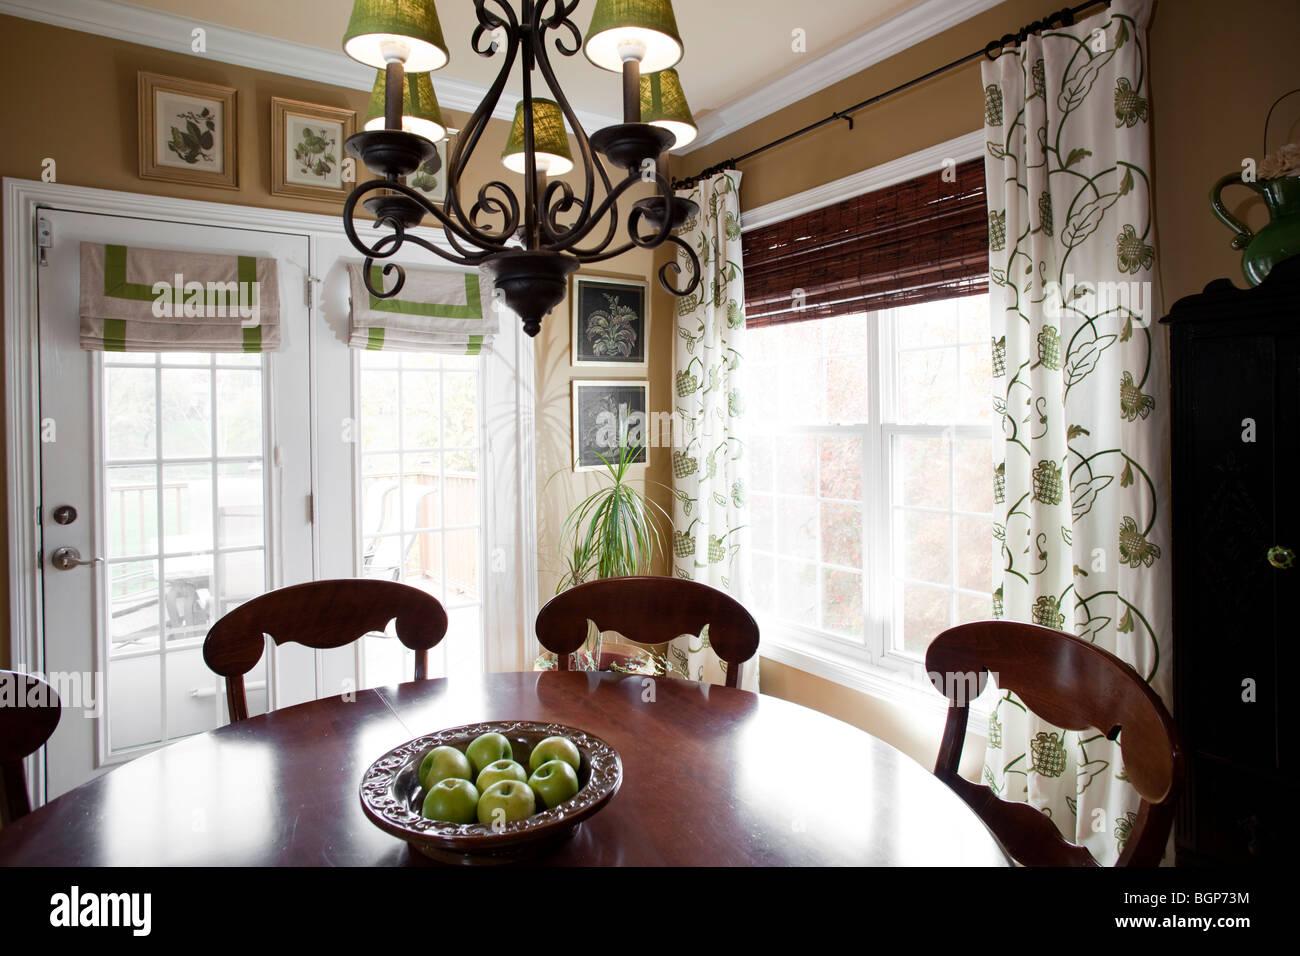 Küche Esstisch Ecke mit grünen Smith Apple Gericht und dazu ...